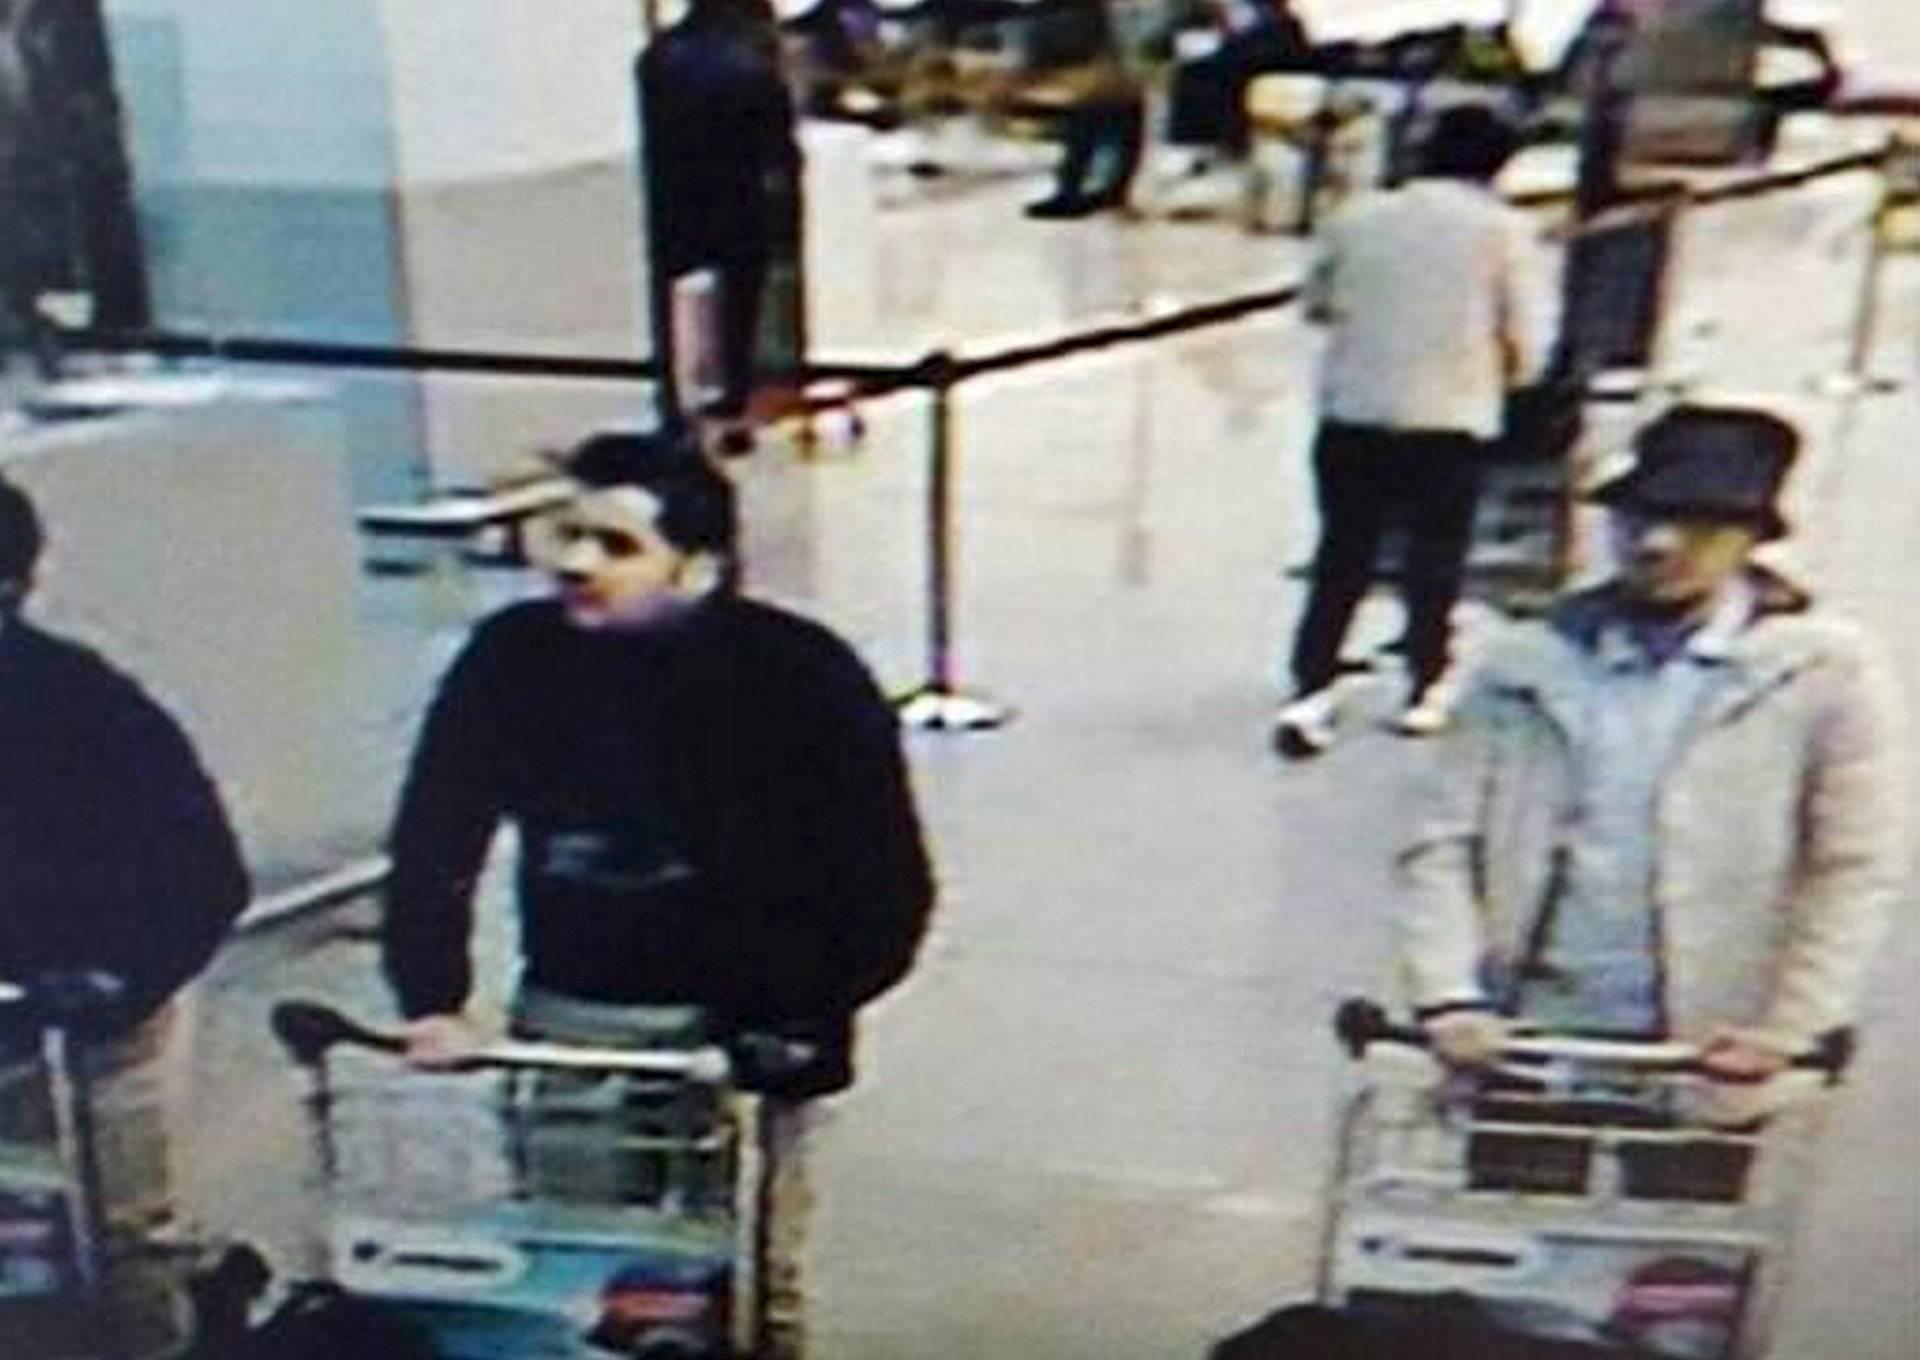 Uhićeni muškarac mogao bi biti treći napadač iz zračne luke